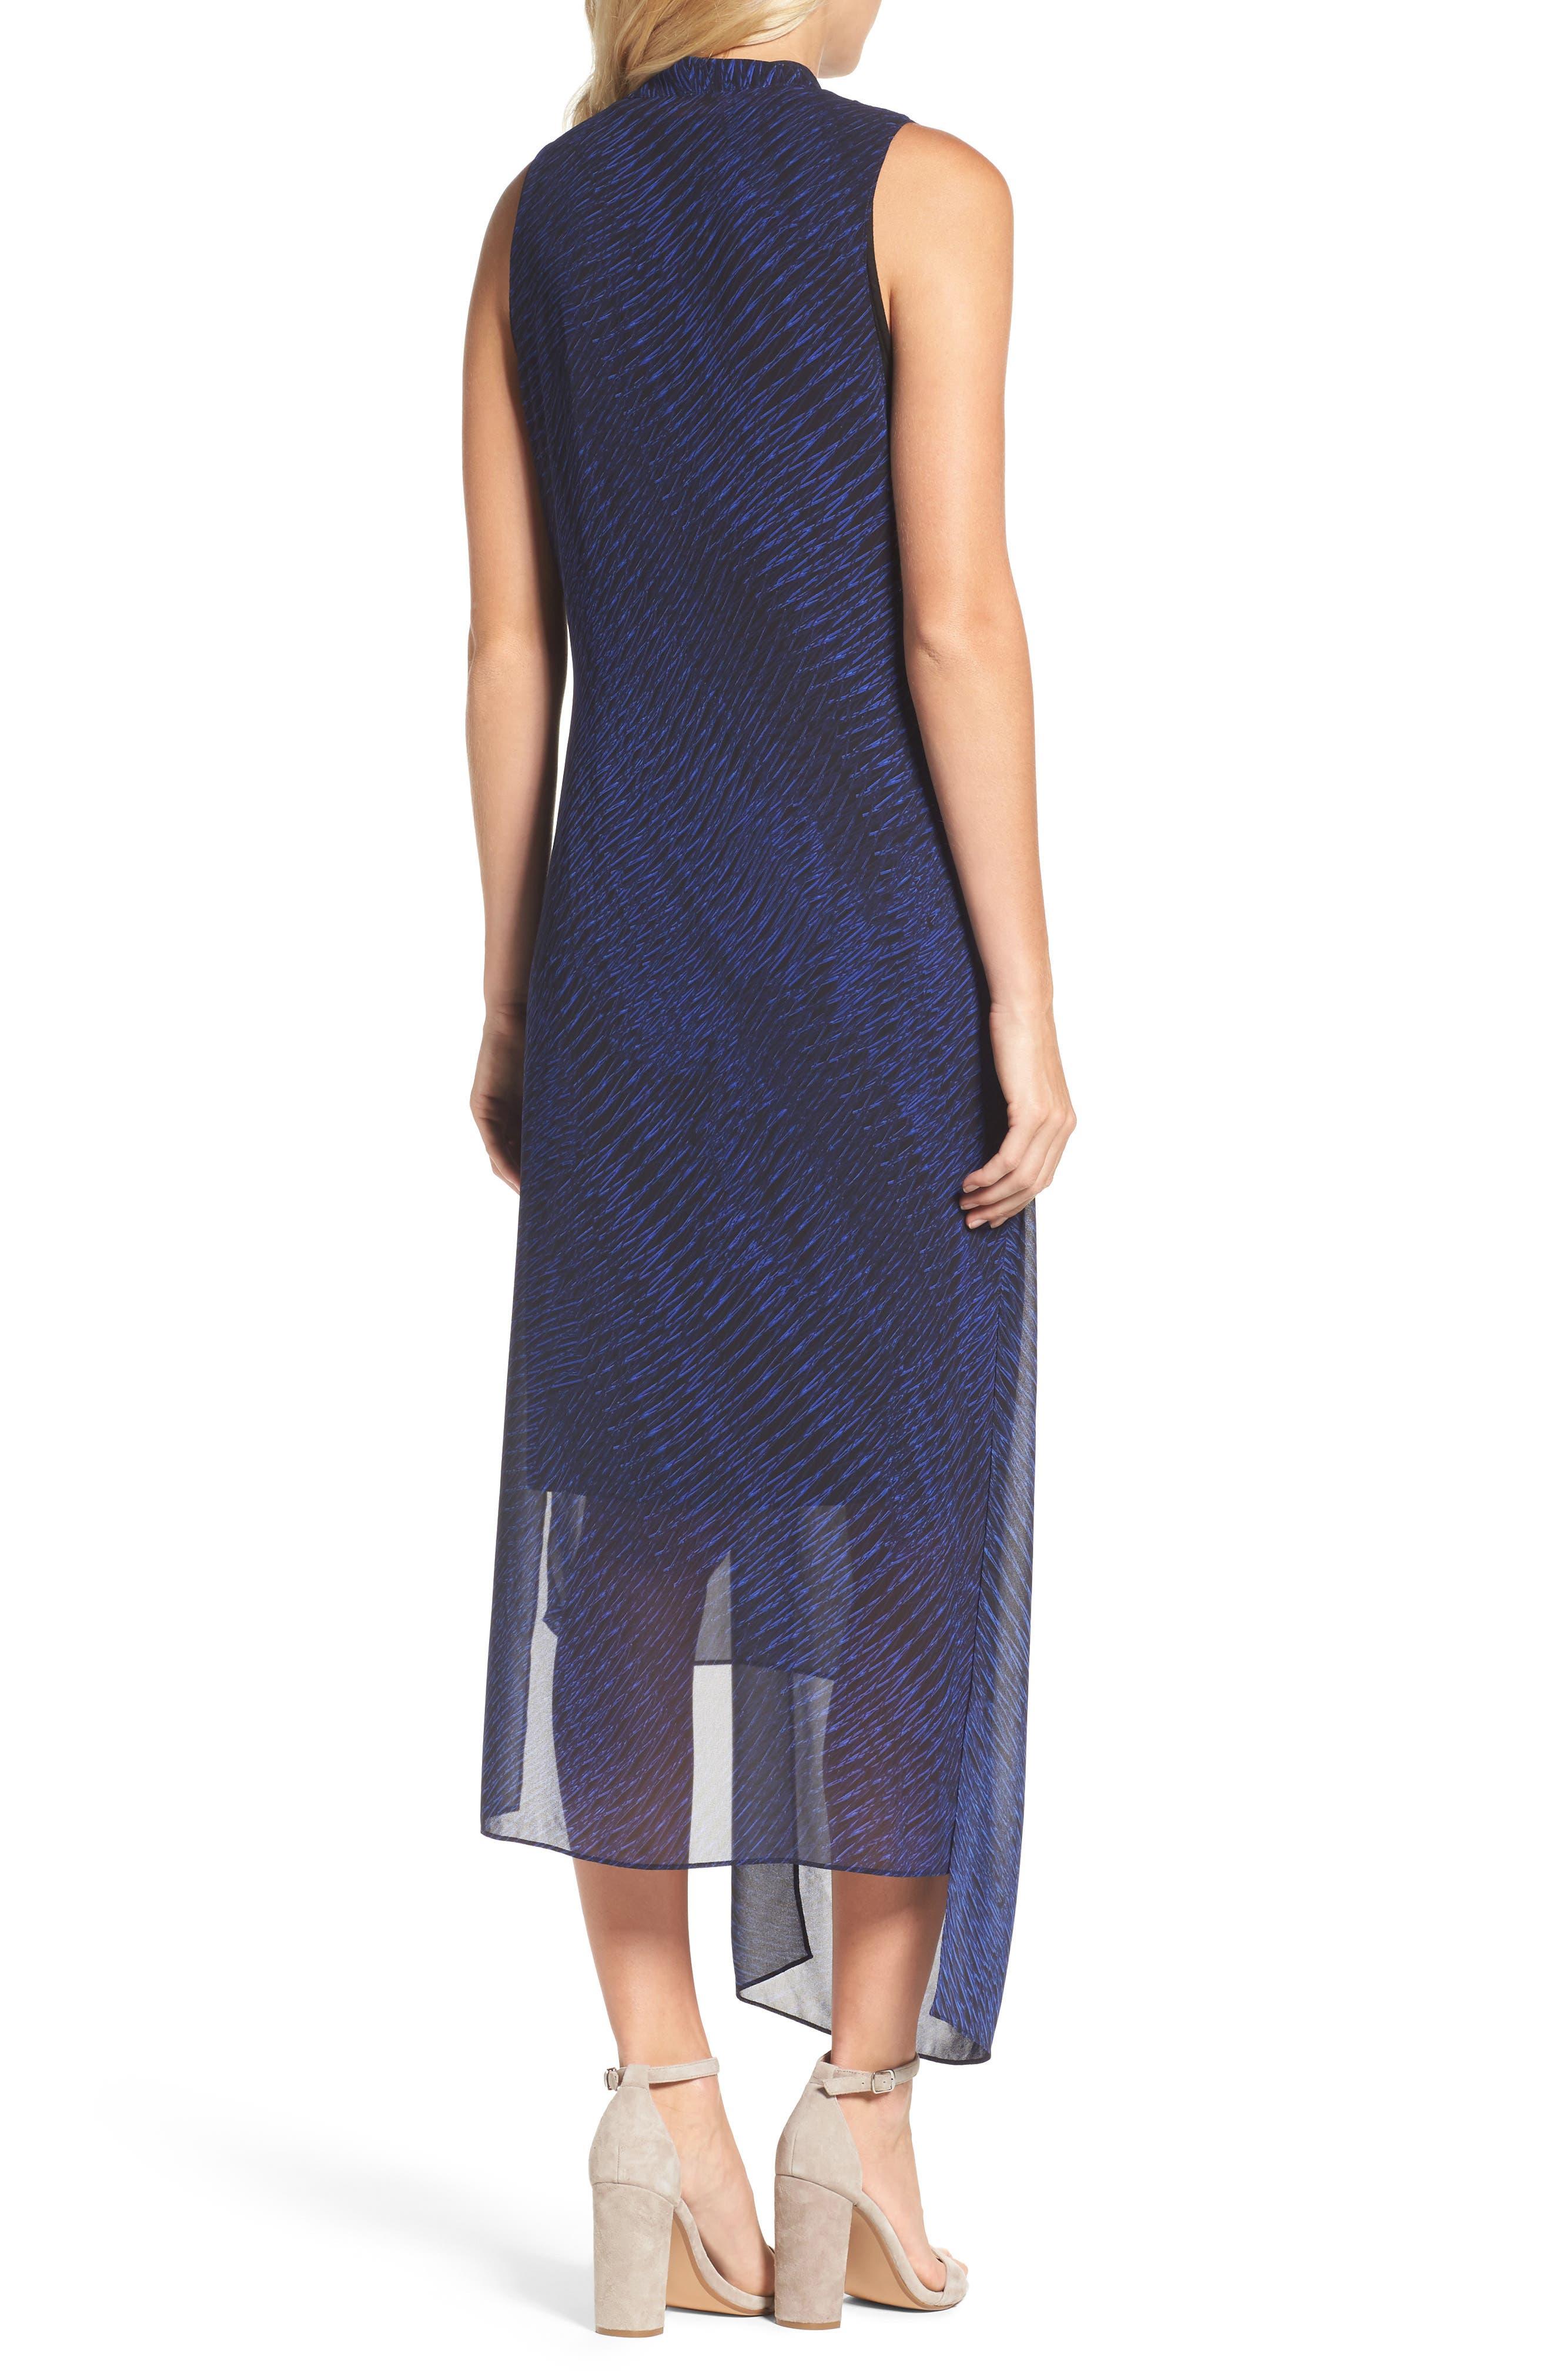 Blue Streaks Midi Dress,                             Alternate thumbnail 2, color,                             Blue Roma